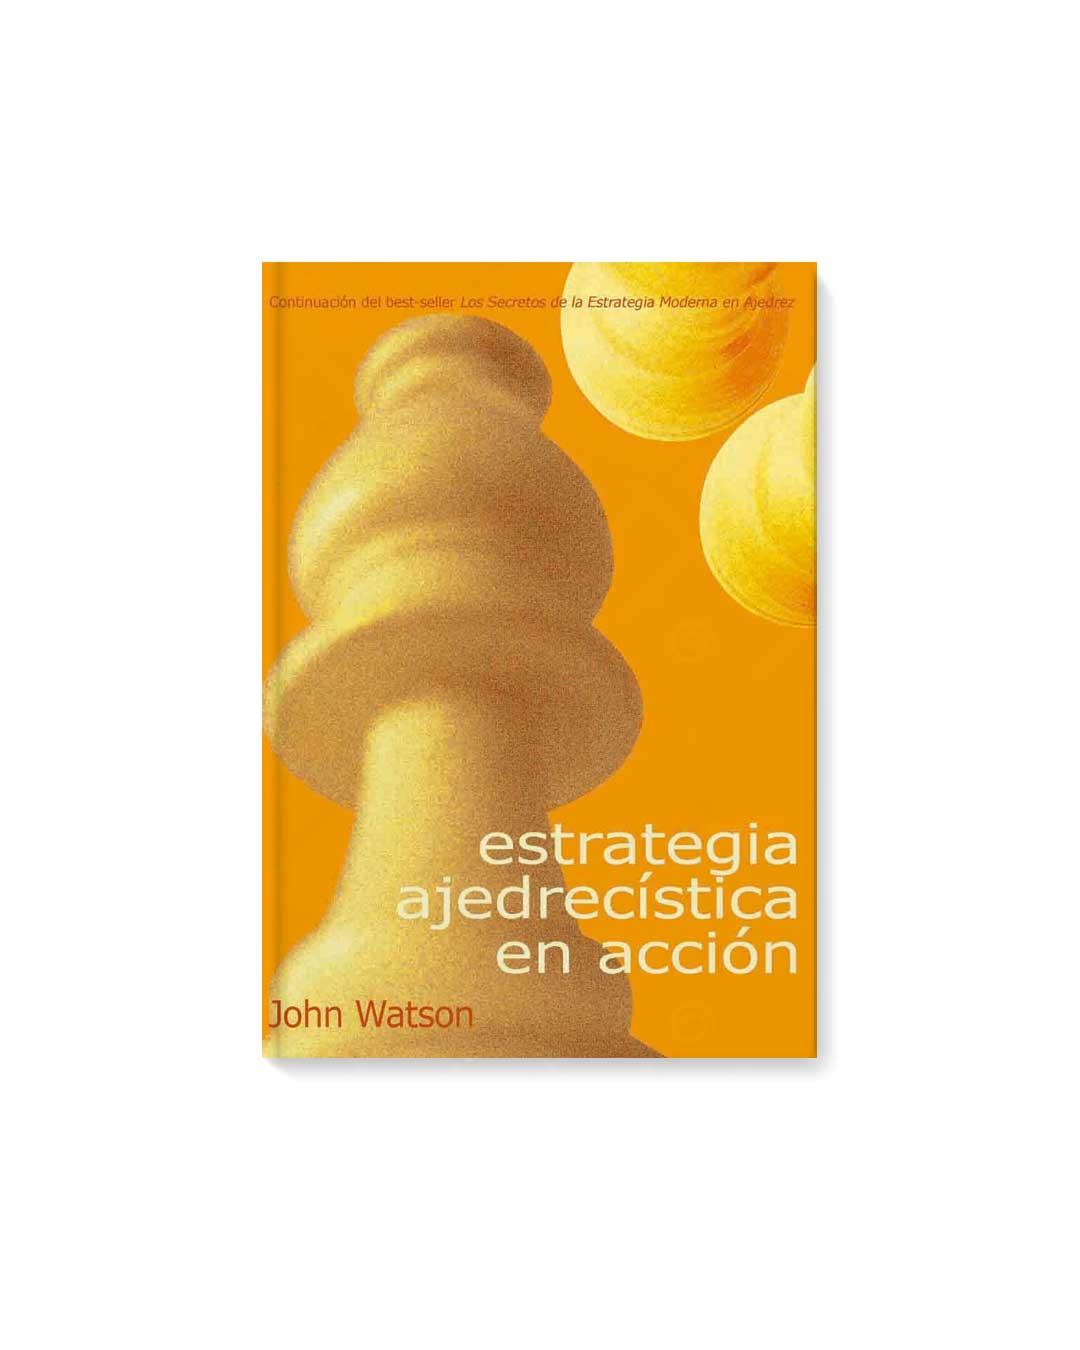 Estrategia ajedrecística en acción - Watson